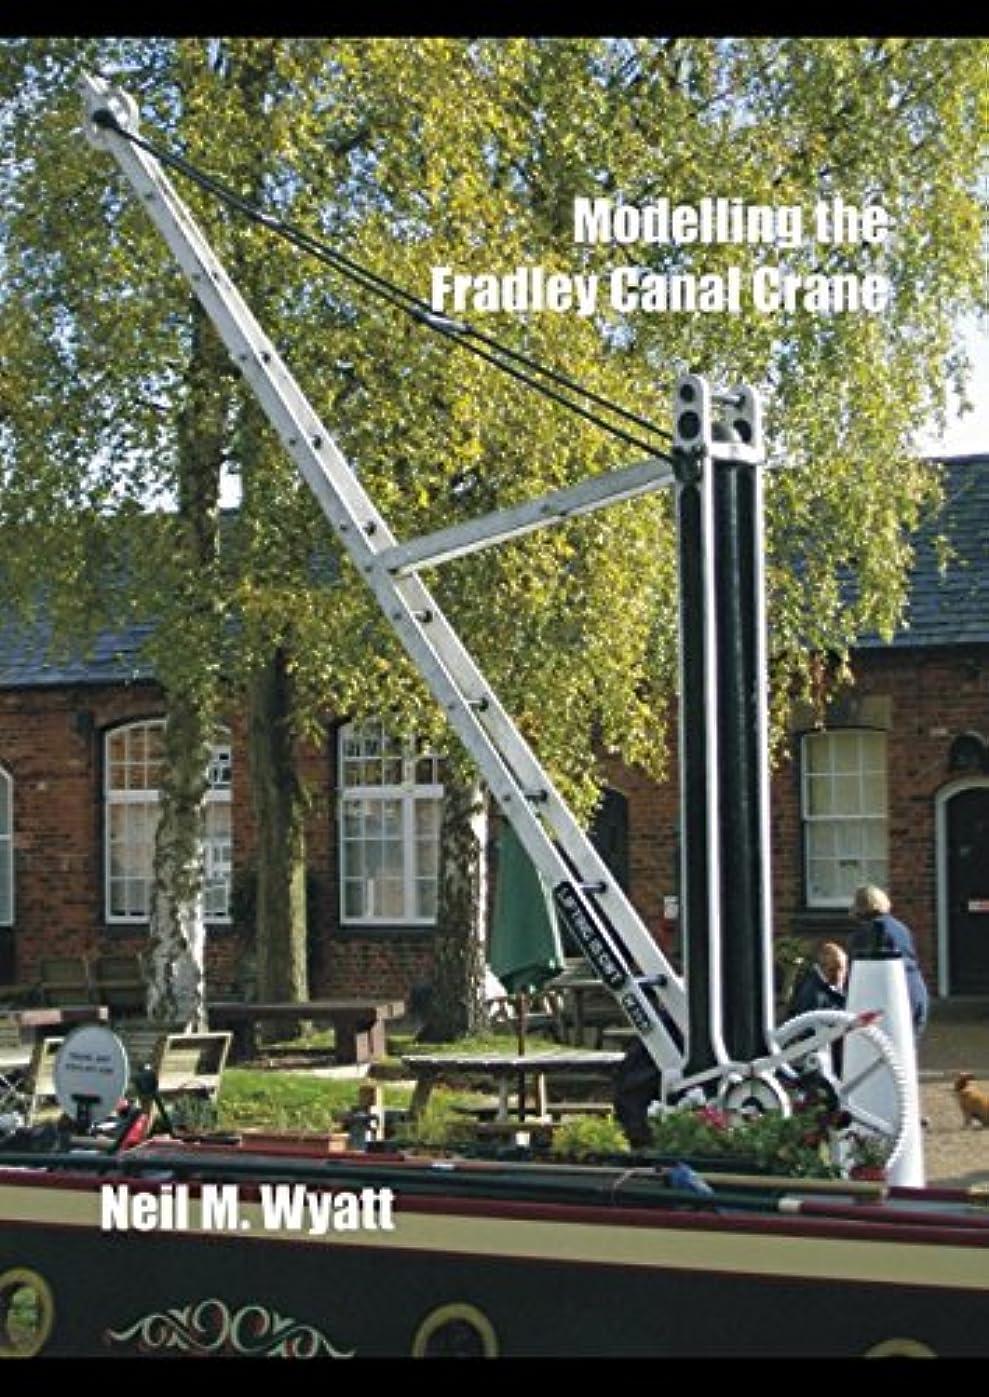 猛烈な耳柔らかい足Modelling the Fradley Canal Crane: A Workshop Handbook for Model Engineers (Workshop Handbooks for Model Engineers)